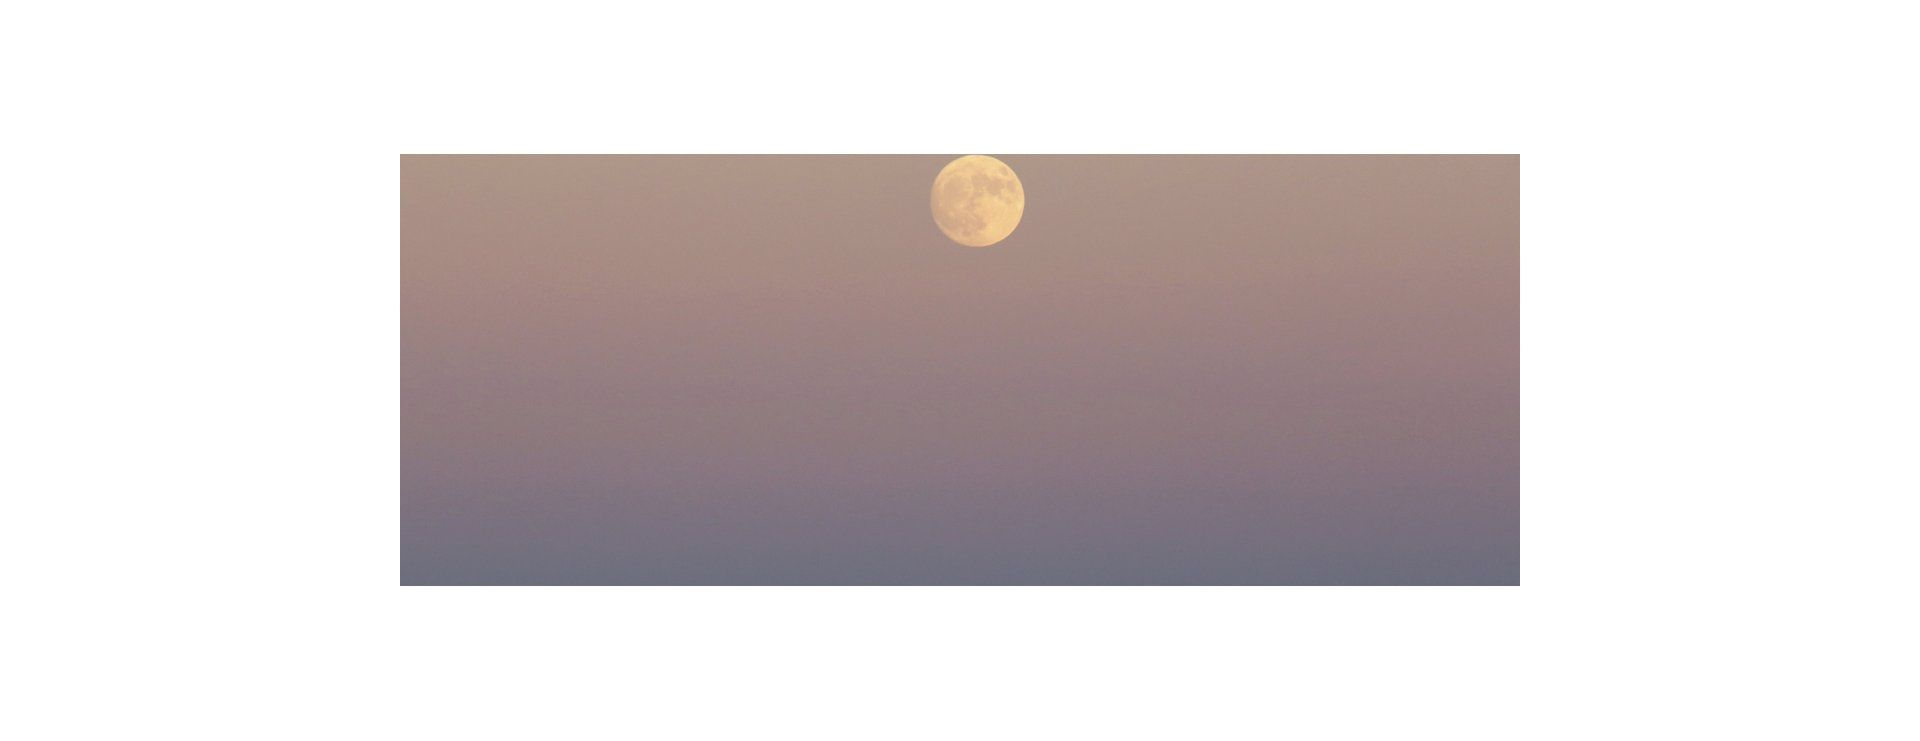 Algunas imágenes de la superluna en distintas partes del mundo